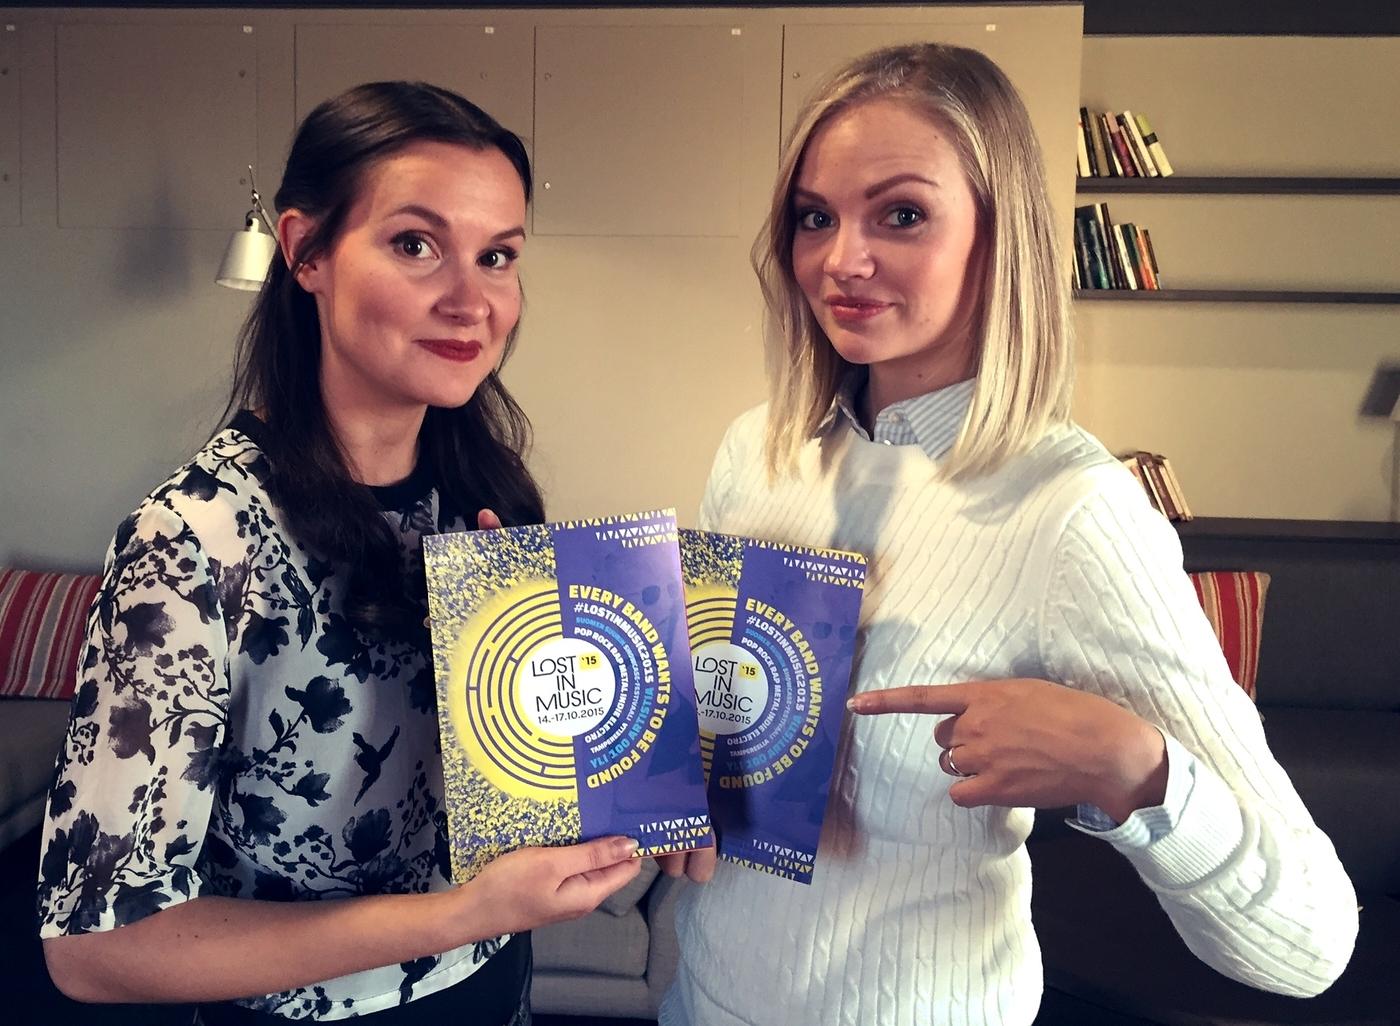 Lost In Music 2015 -festaripassien voittajat!